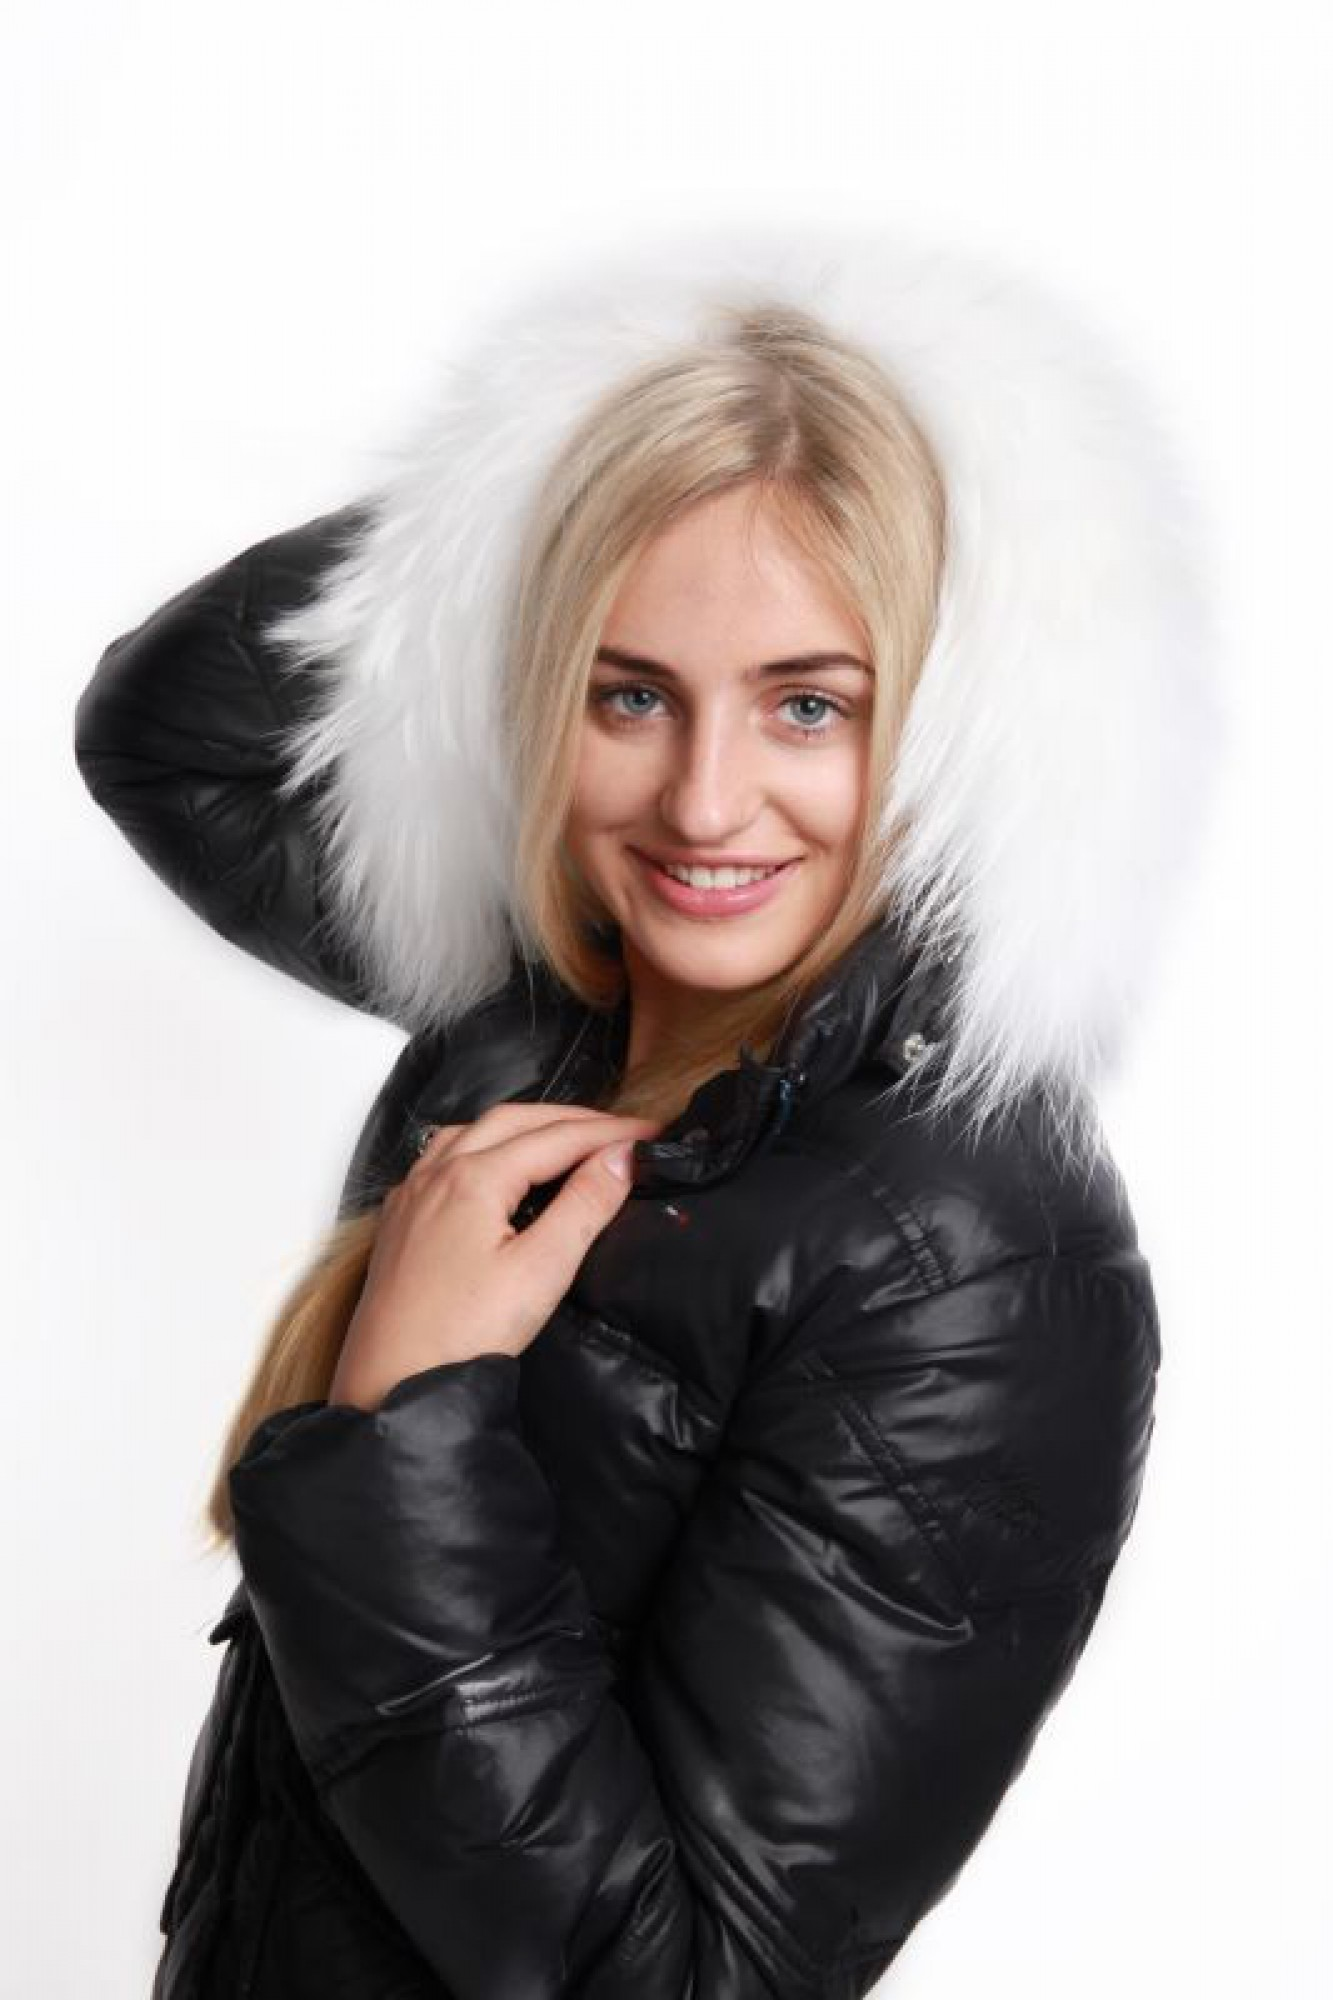 Dein-Pelz.de - your fur online shop and marketplace - Dein Pelz